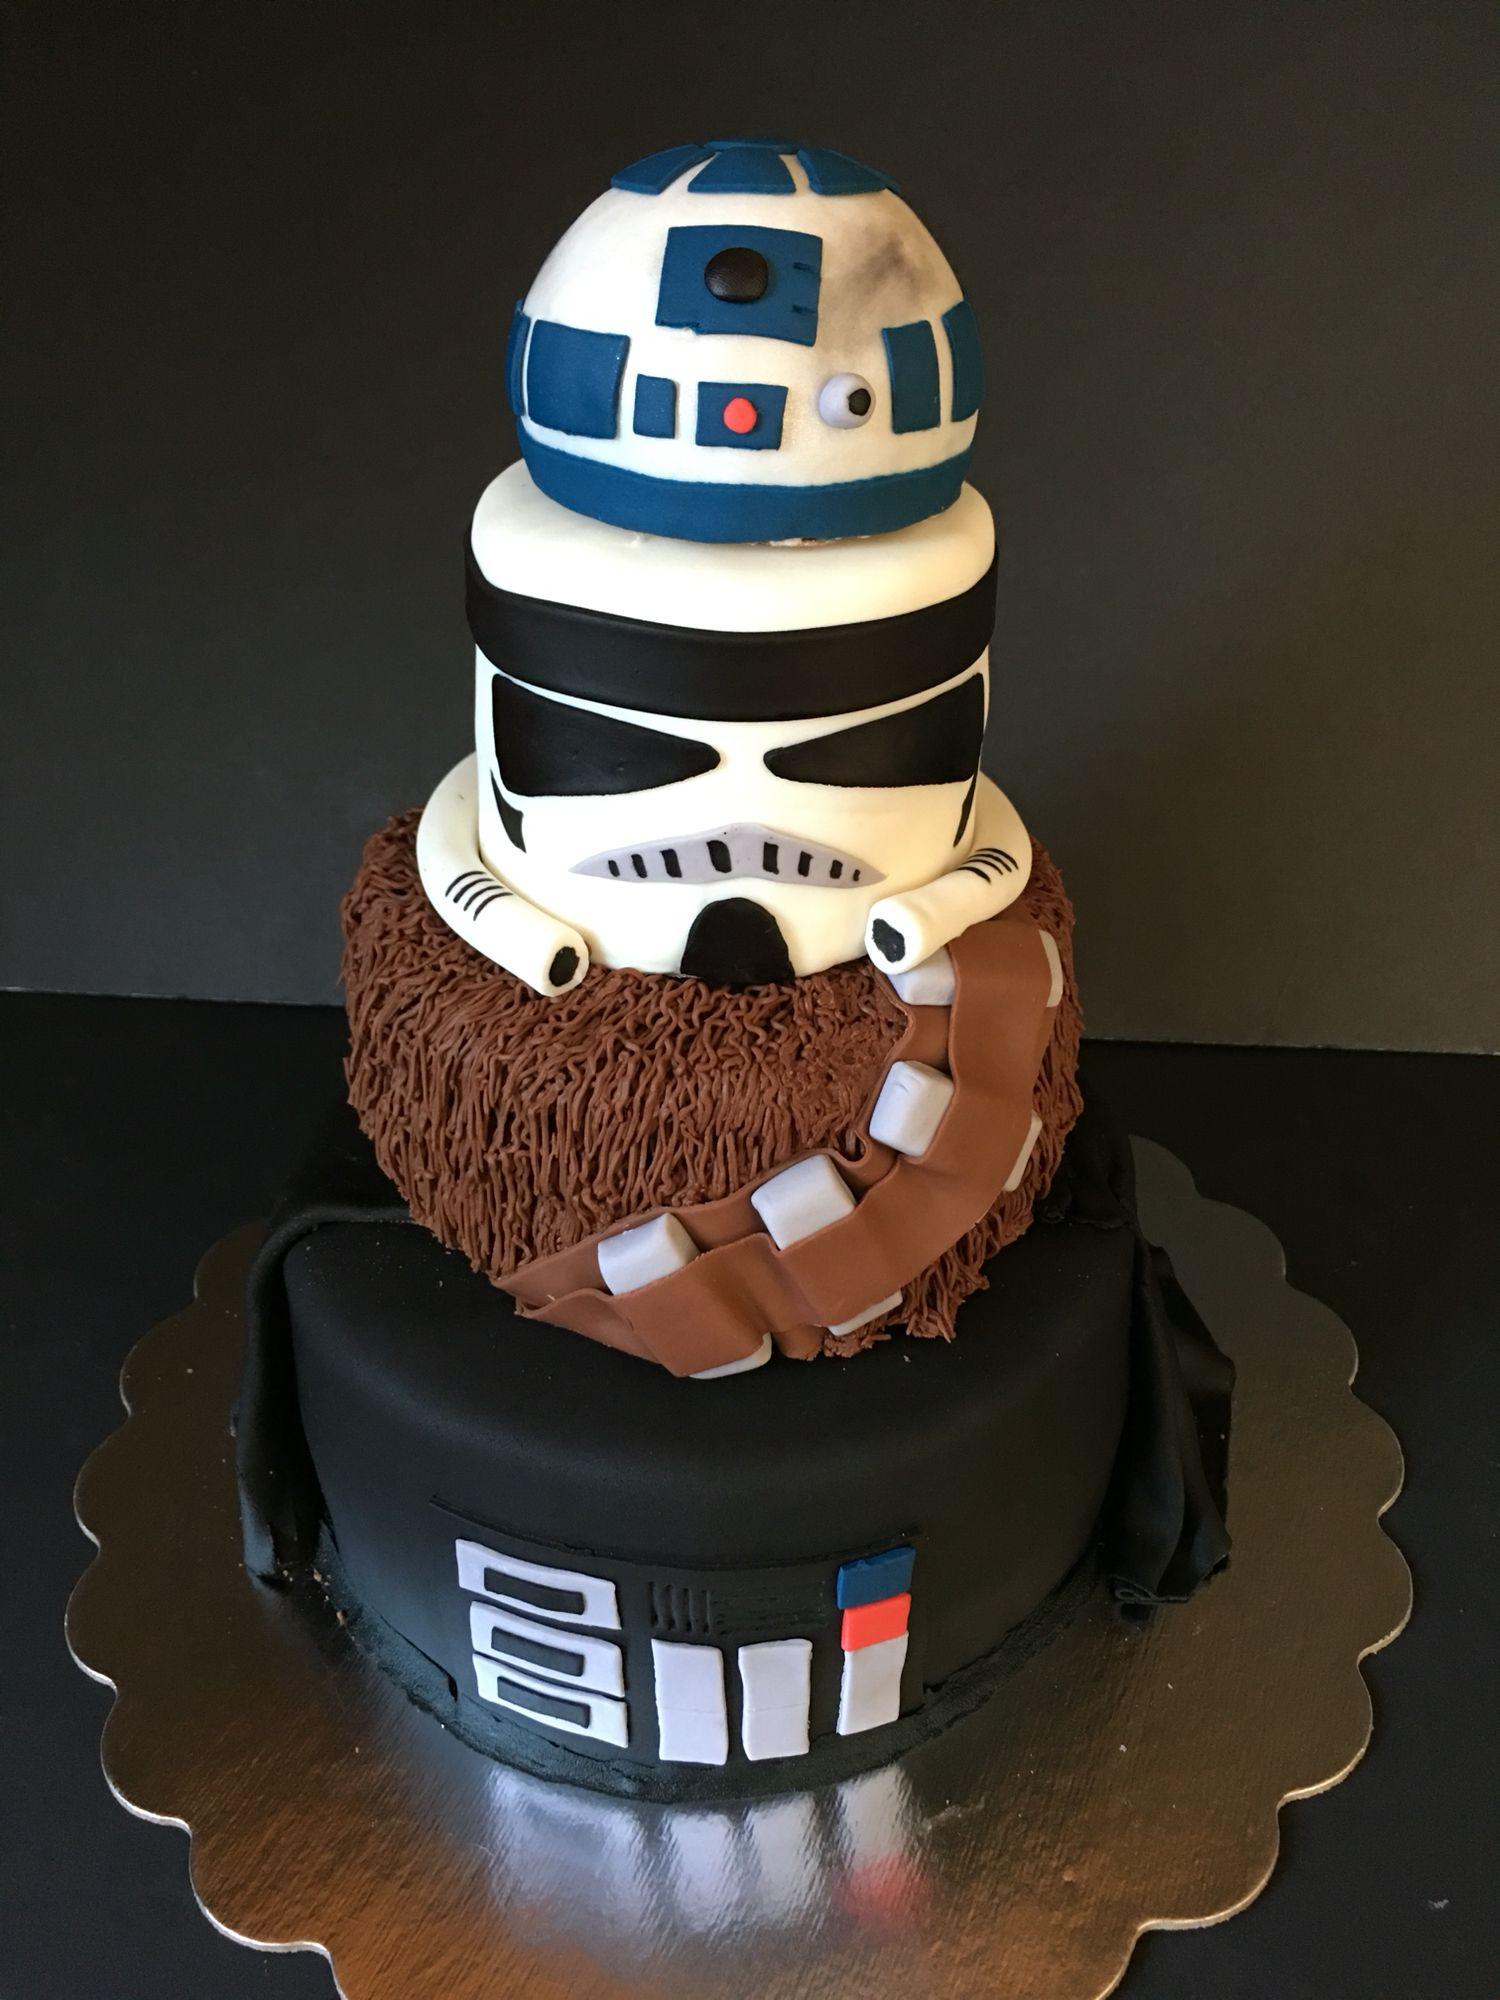 Jdcsweets Star Wars Cake Fourthbirthday Thefourthwasstrong Tieredstarwarscake Tieredcake R2d2 St Star Wars Cake Toppers Star Wars Cake Star Wars Cupcakes